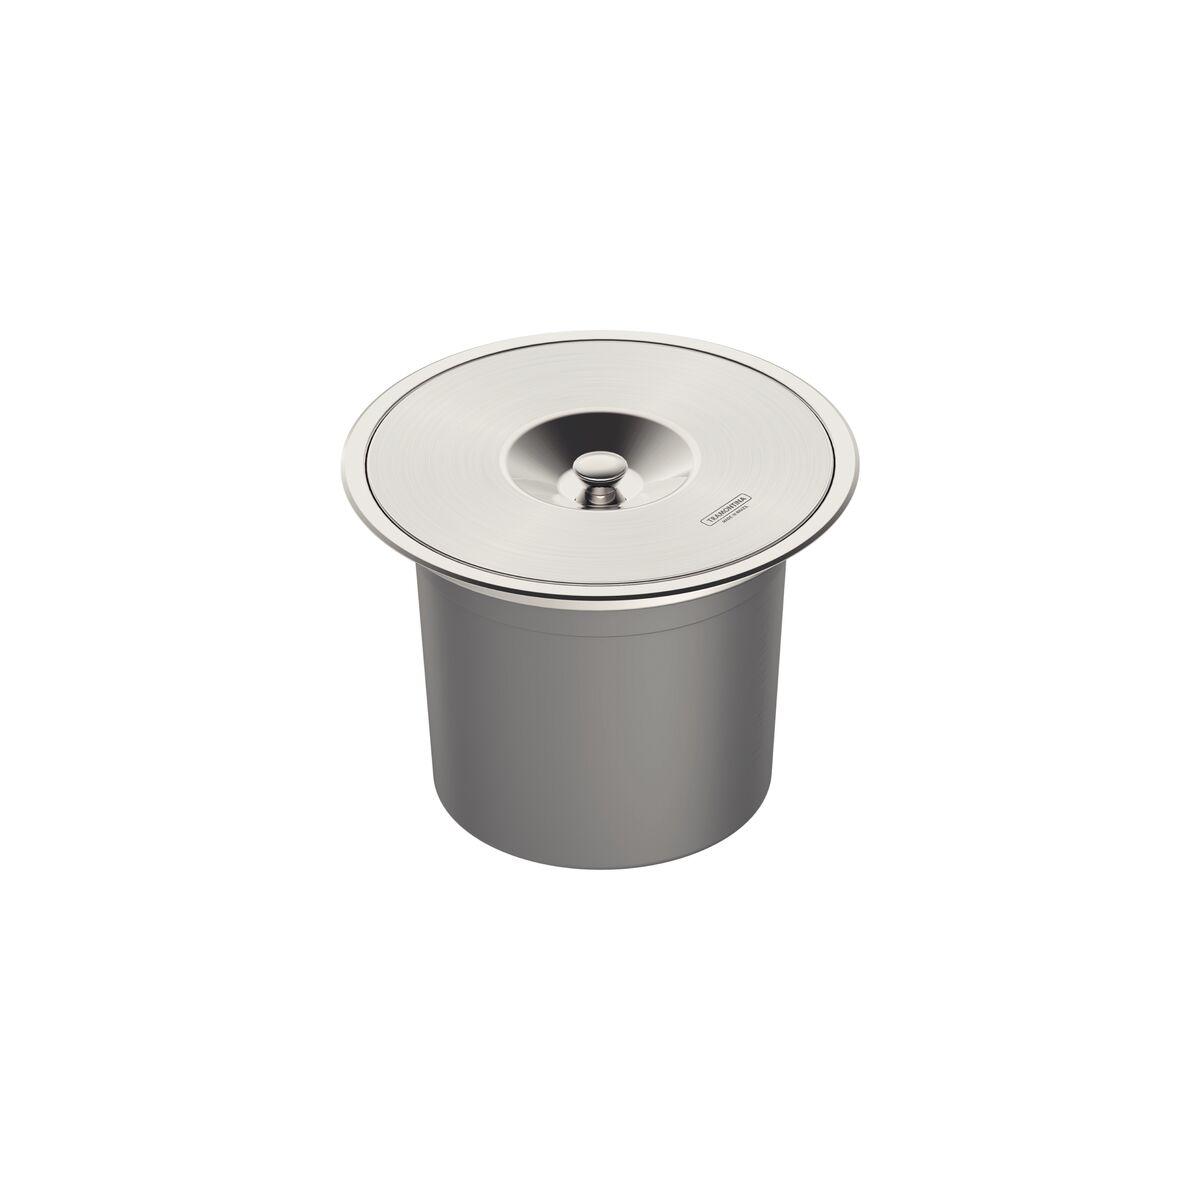 Basurero de empotrar Tramontina de acero inoxidable con balde plástico de 8 l